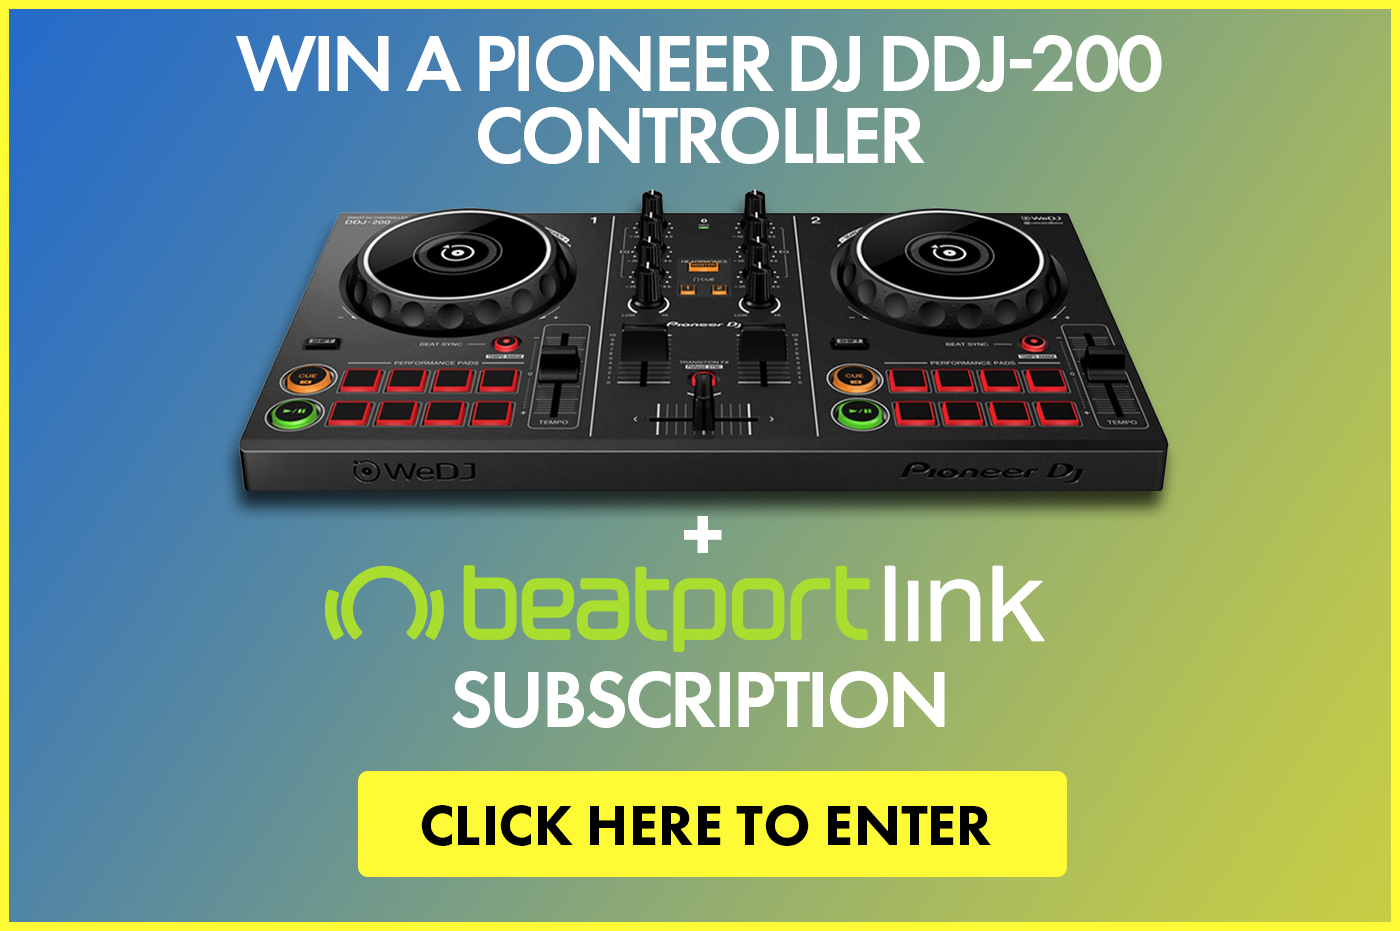 Win a Pioneer DJ DDJ-200